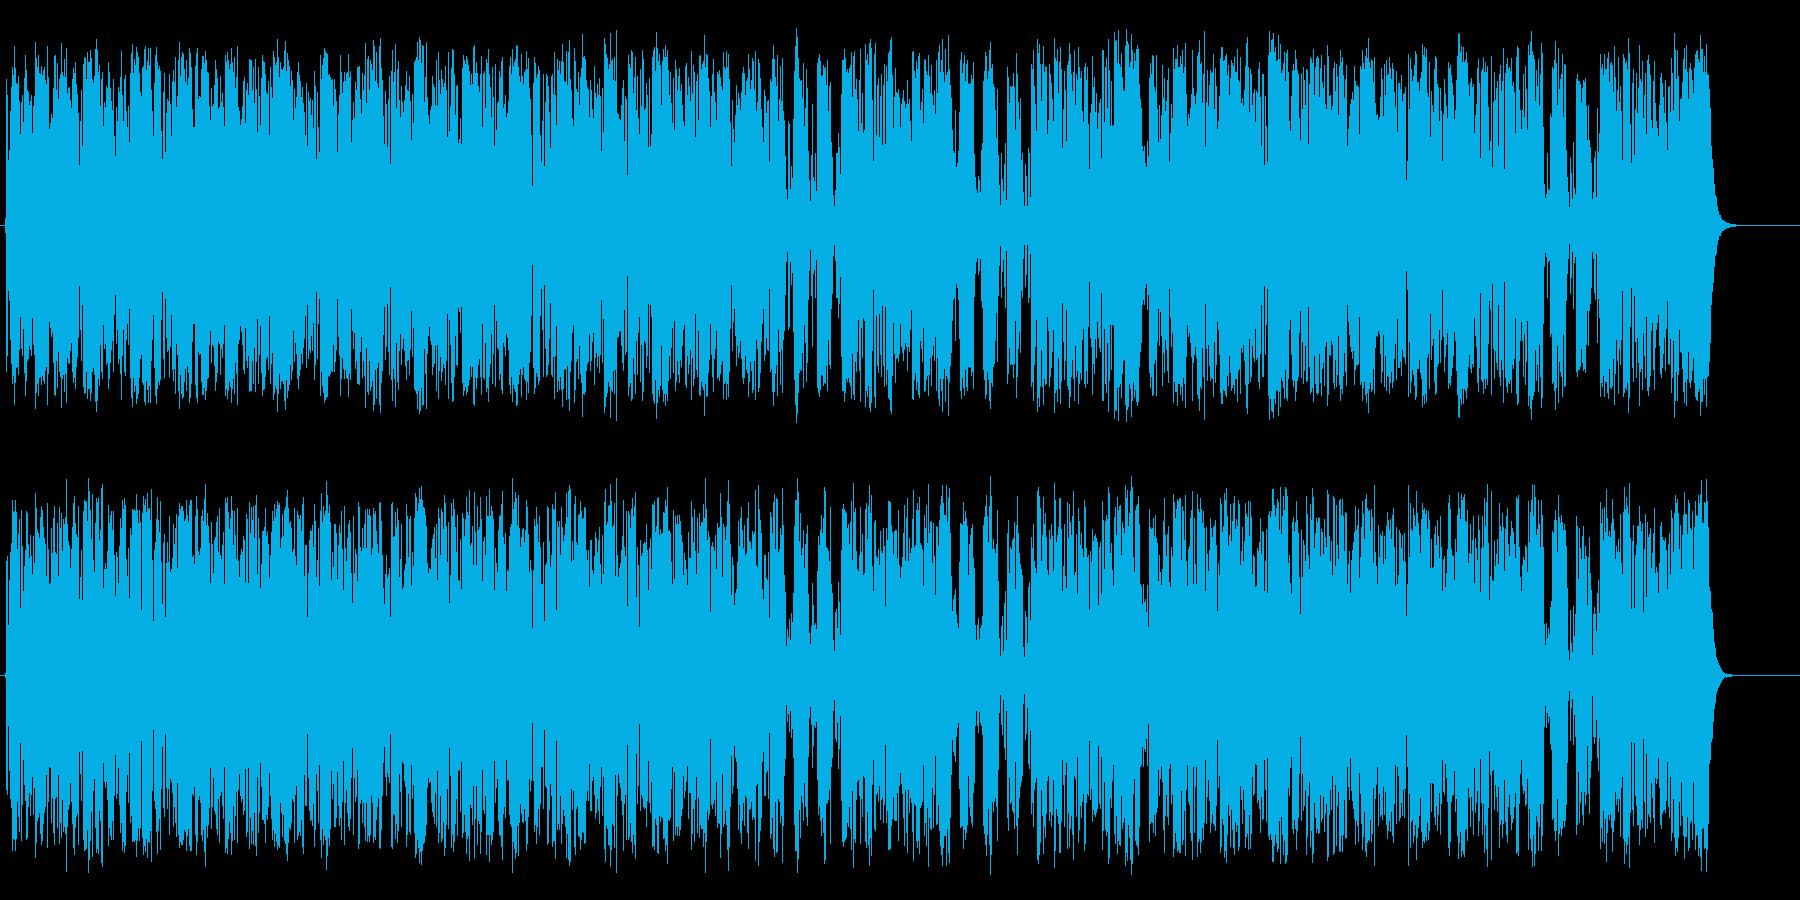 マーチ 鼓笛隊 行進 ほのぼの はつらつの再生済みの波形